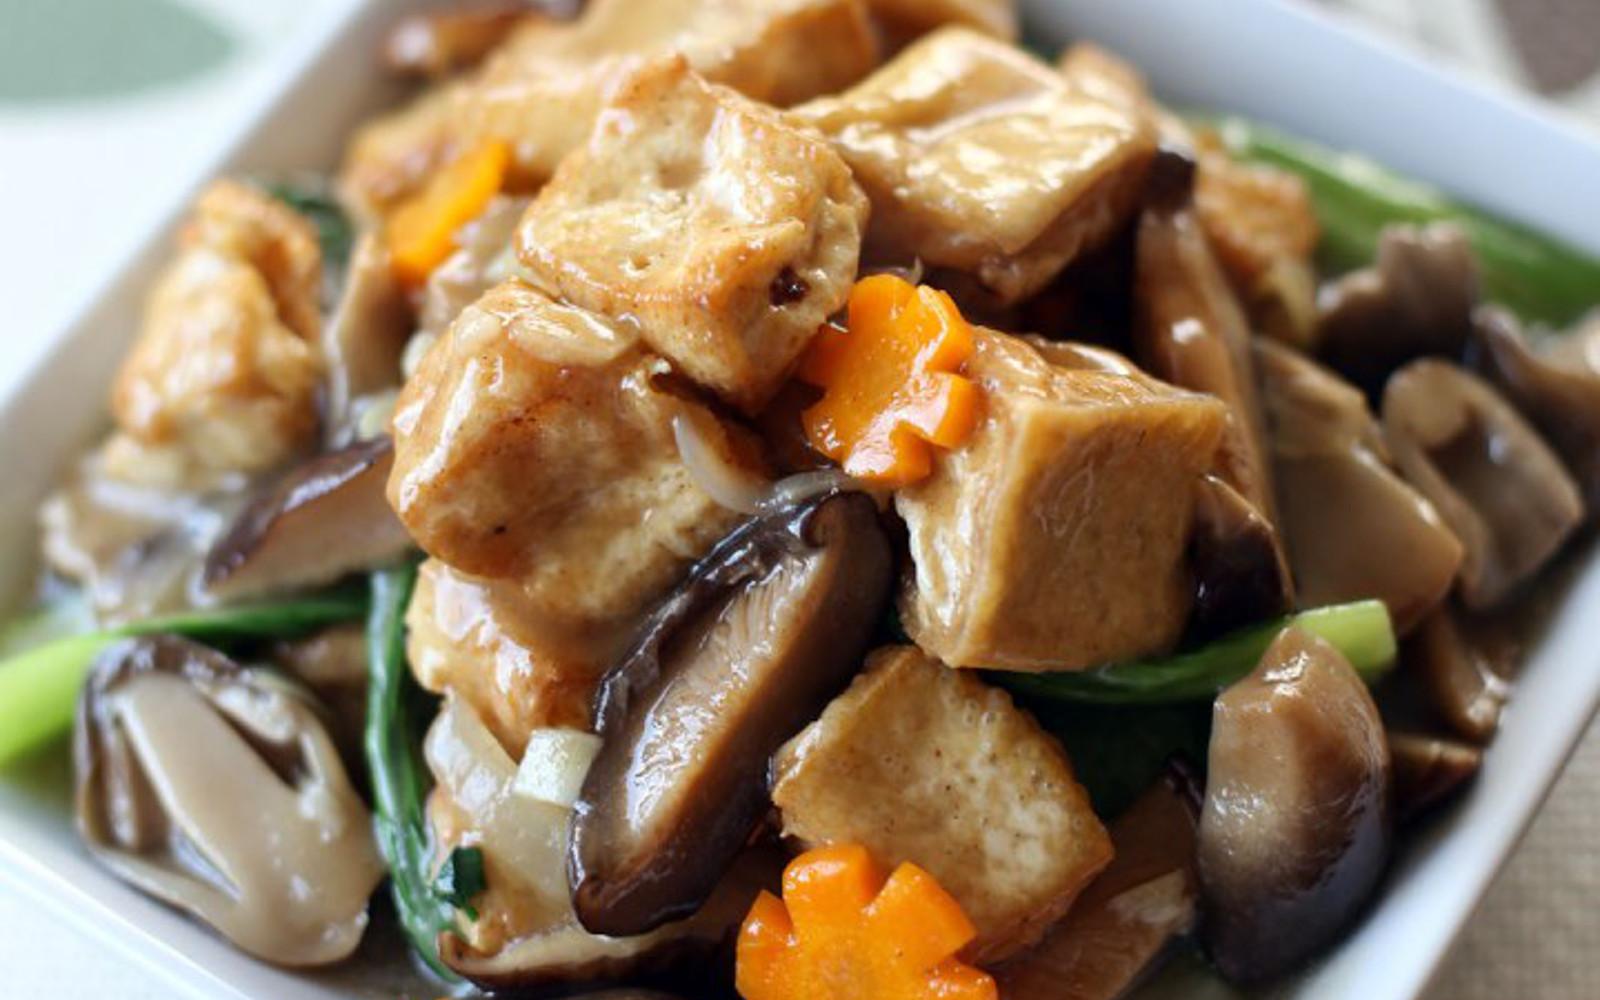 Chinese Braised Tofu and Veggie Stir Fry [Vegan, Gluten-Free]